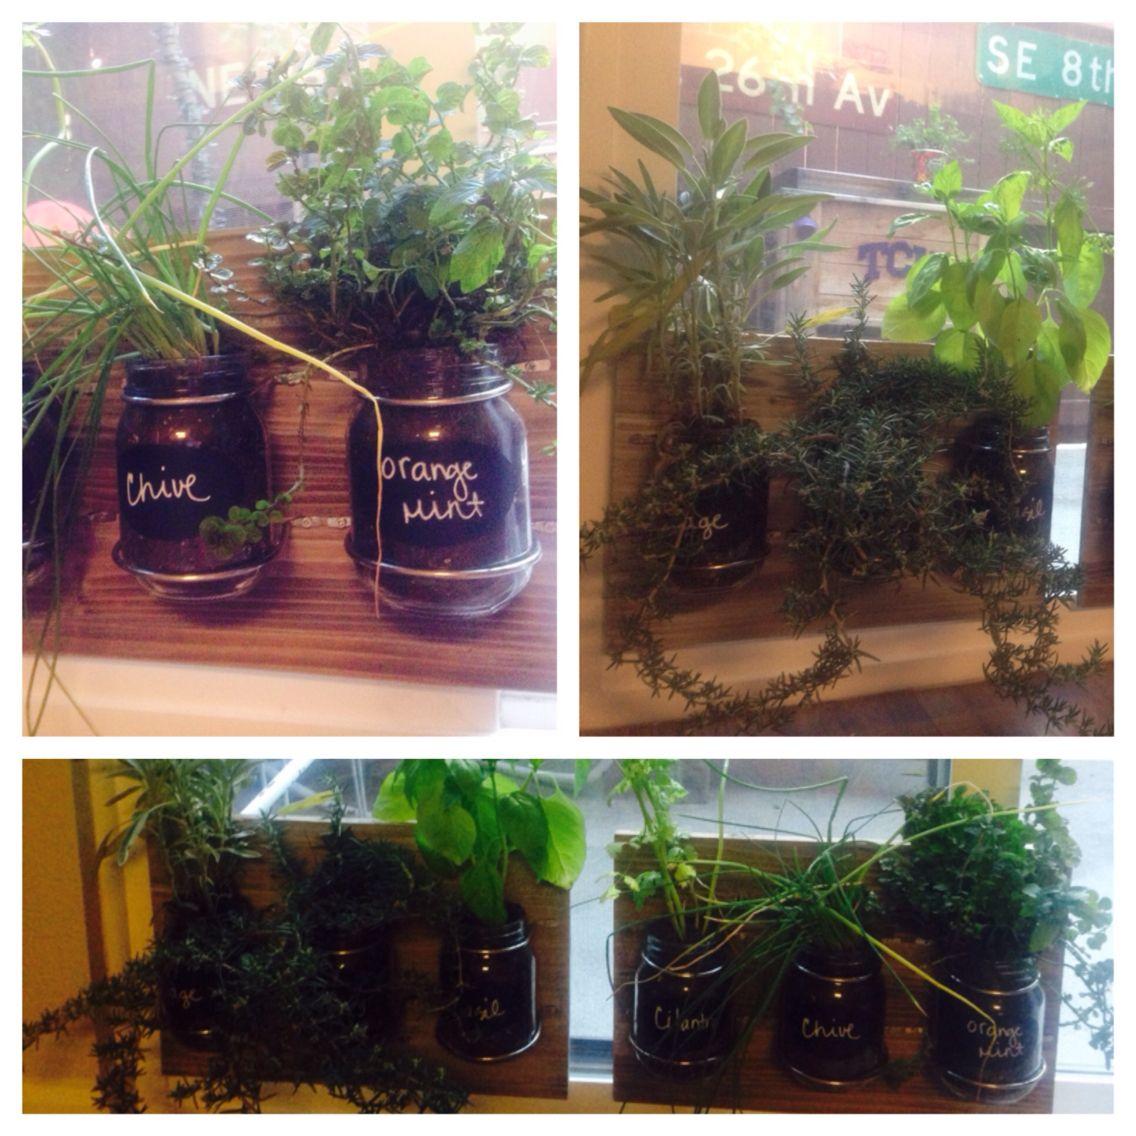 Indoor herb garden on a sliding glass door for plenty of light jars indoor herb garden on a sliding glass door for plenty of light jars board workwithnaturefo